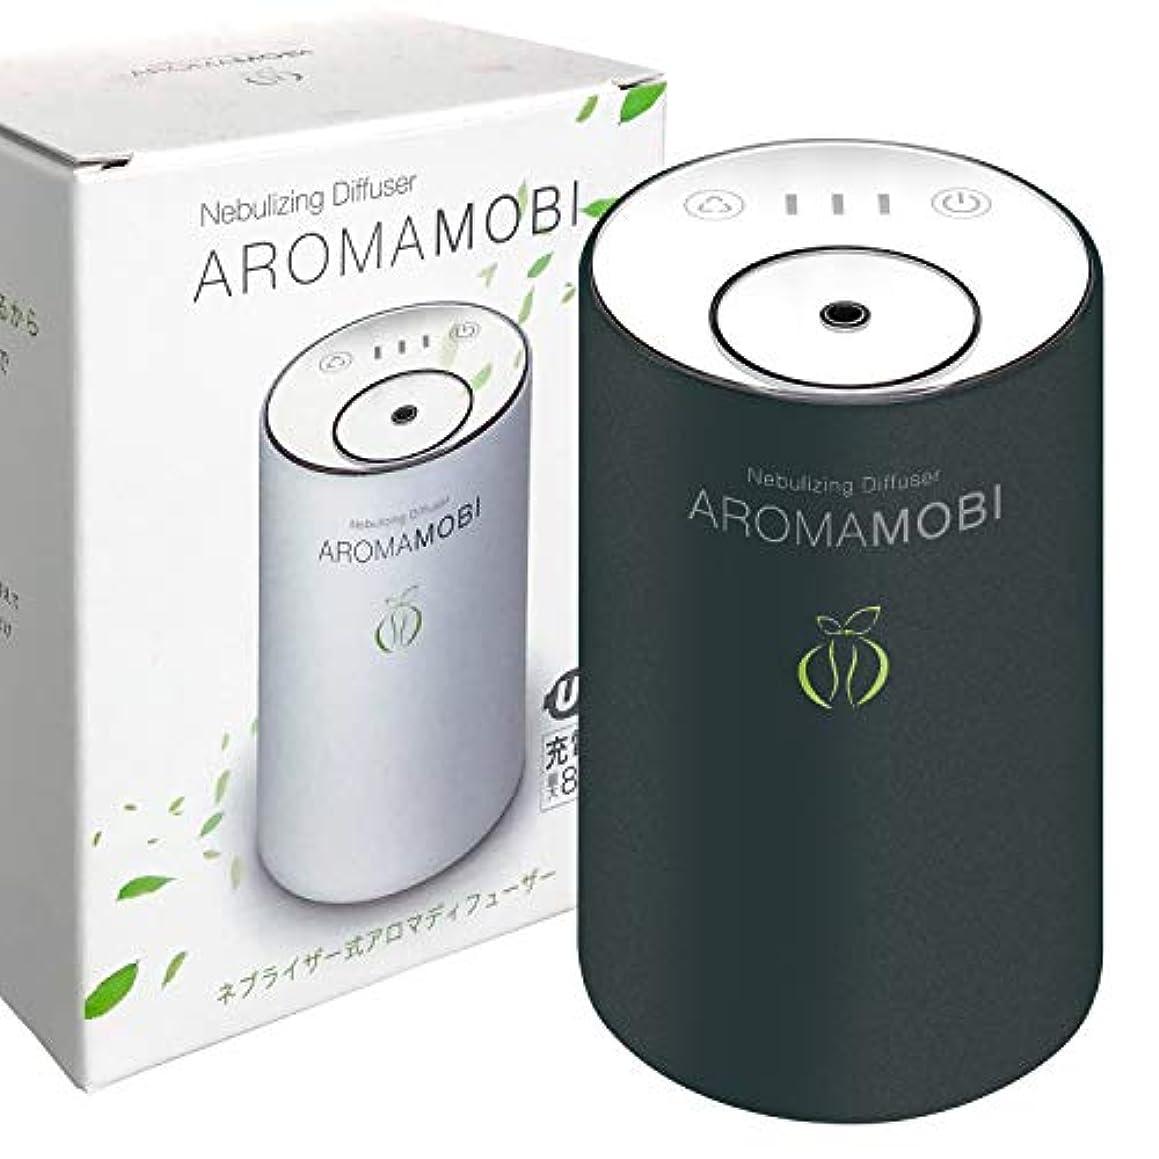 ささいな子羊衝撃funks AROMA MOBI 充電式 アロマディフューザー ネブライザー式 ブラック